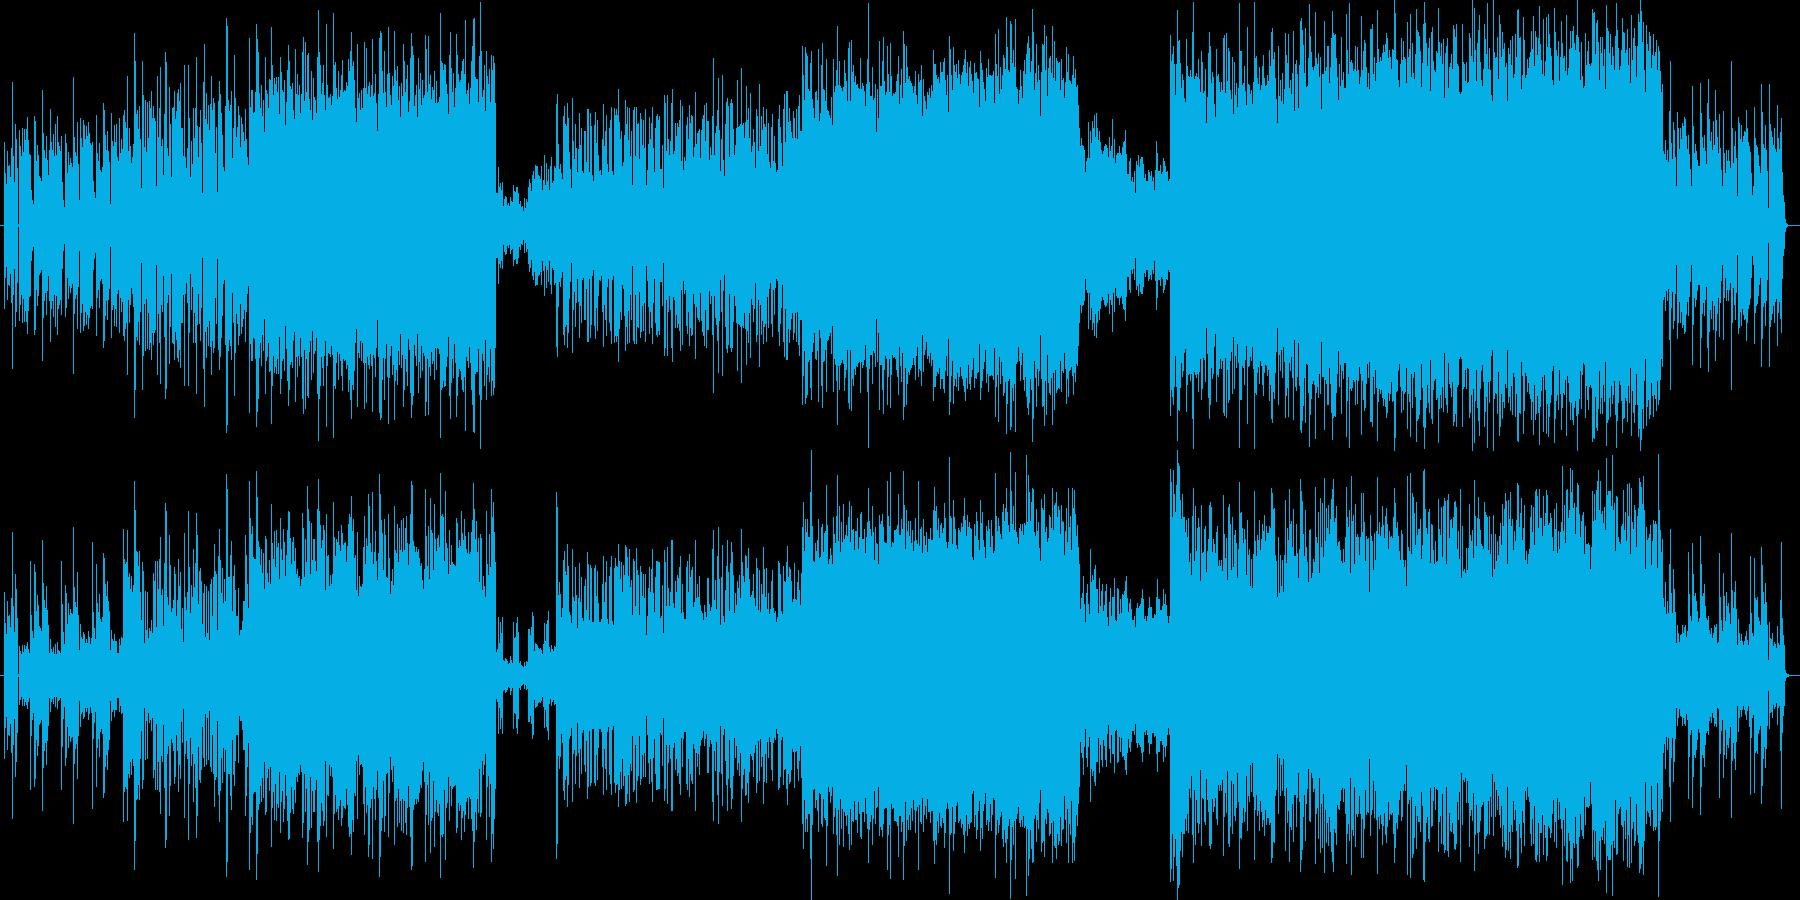 無邪気でコミカルな印象のエレクトロポップの再生済みの波形